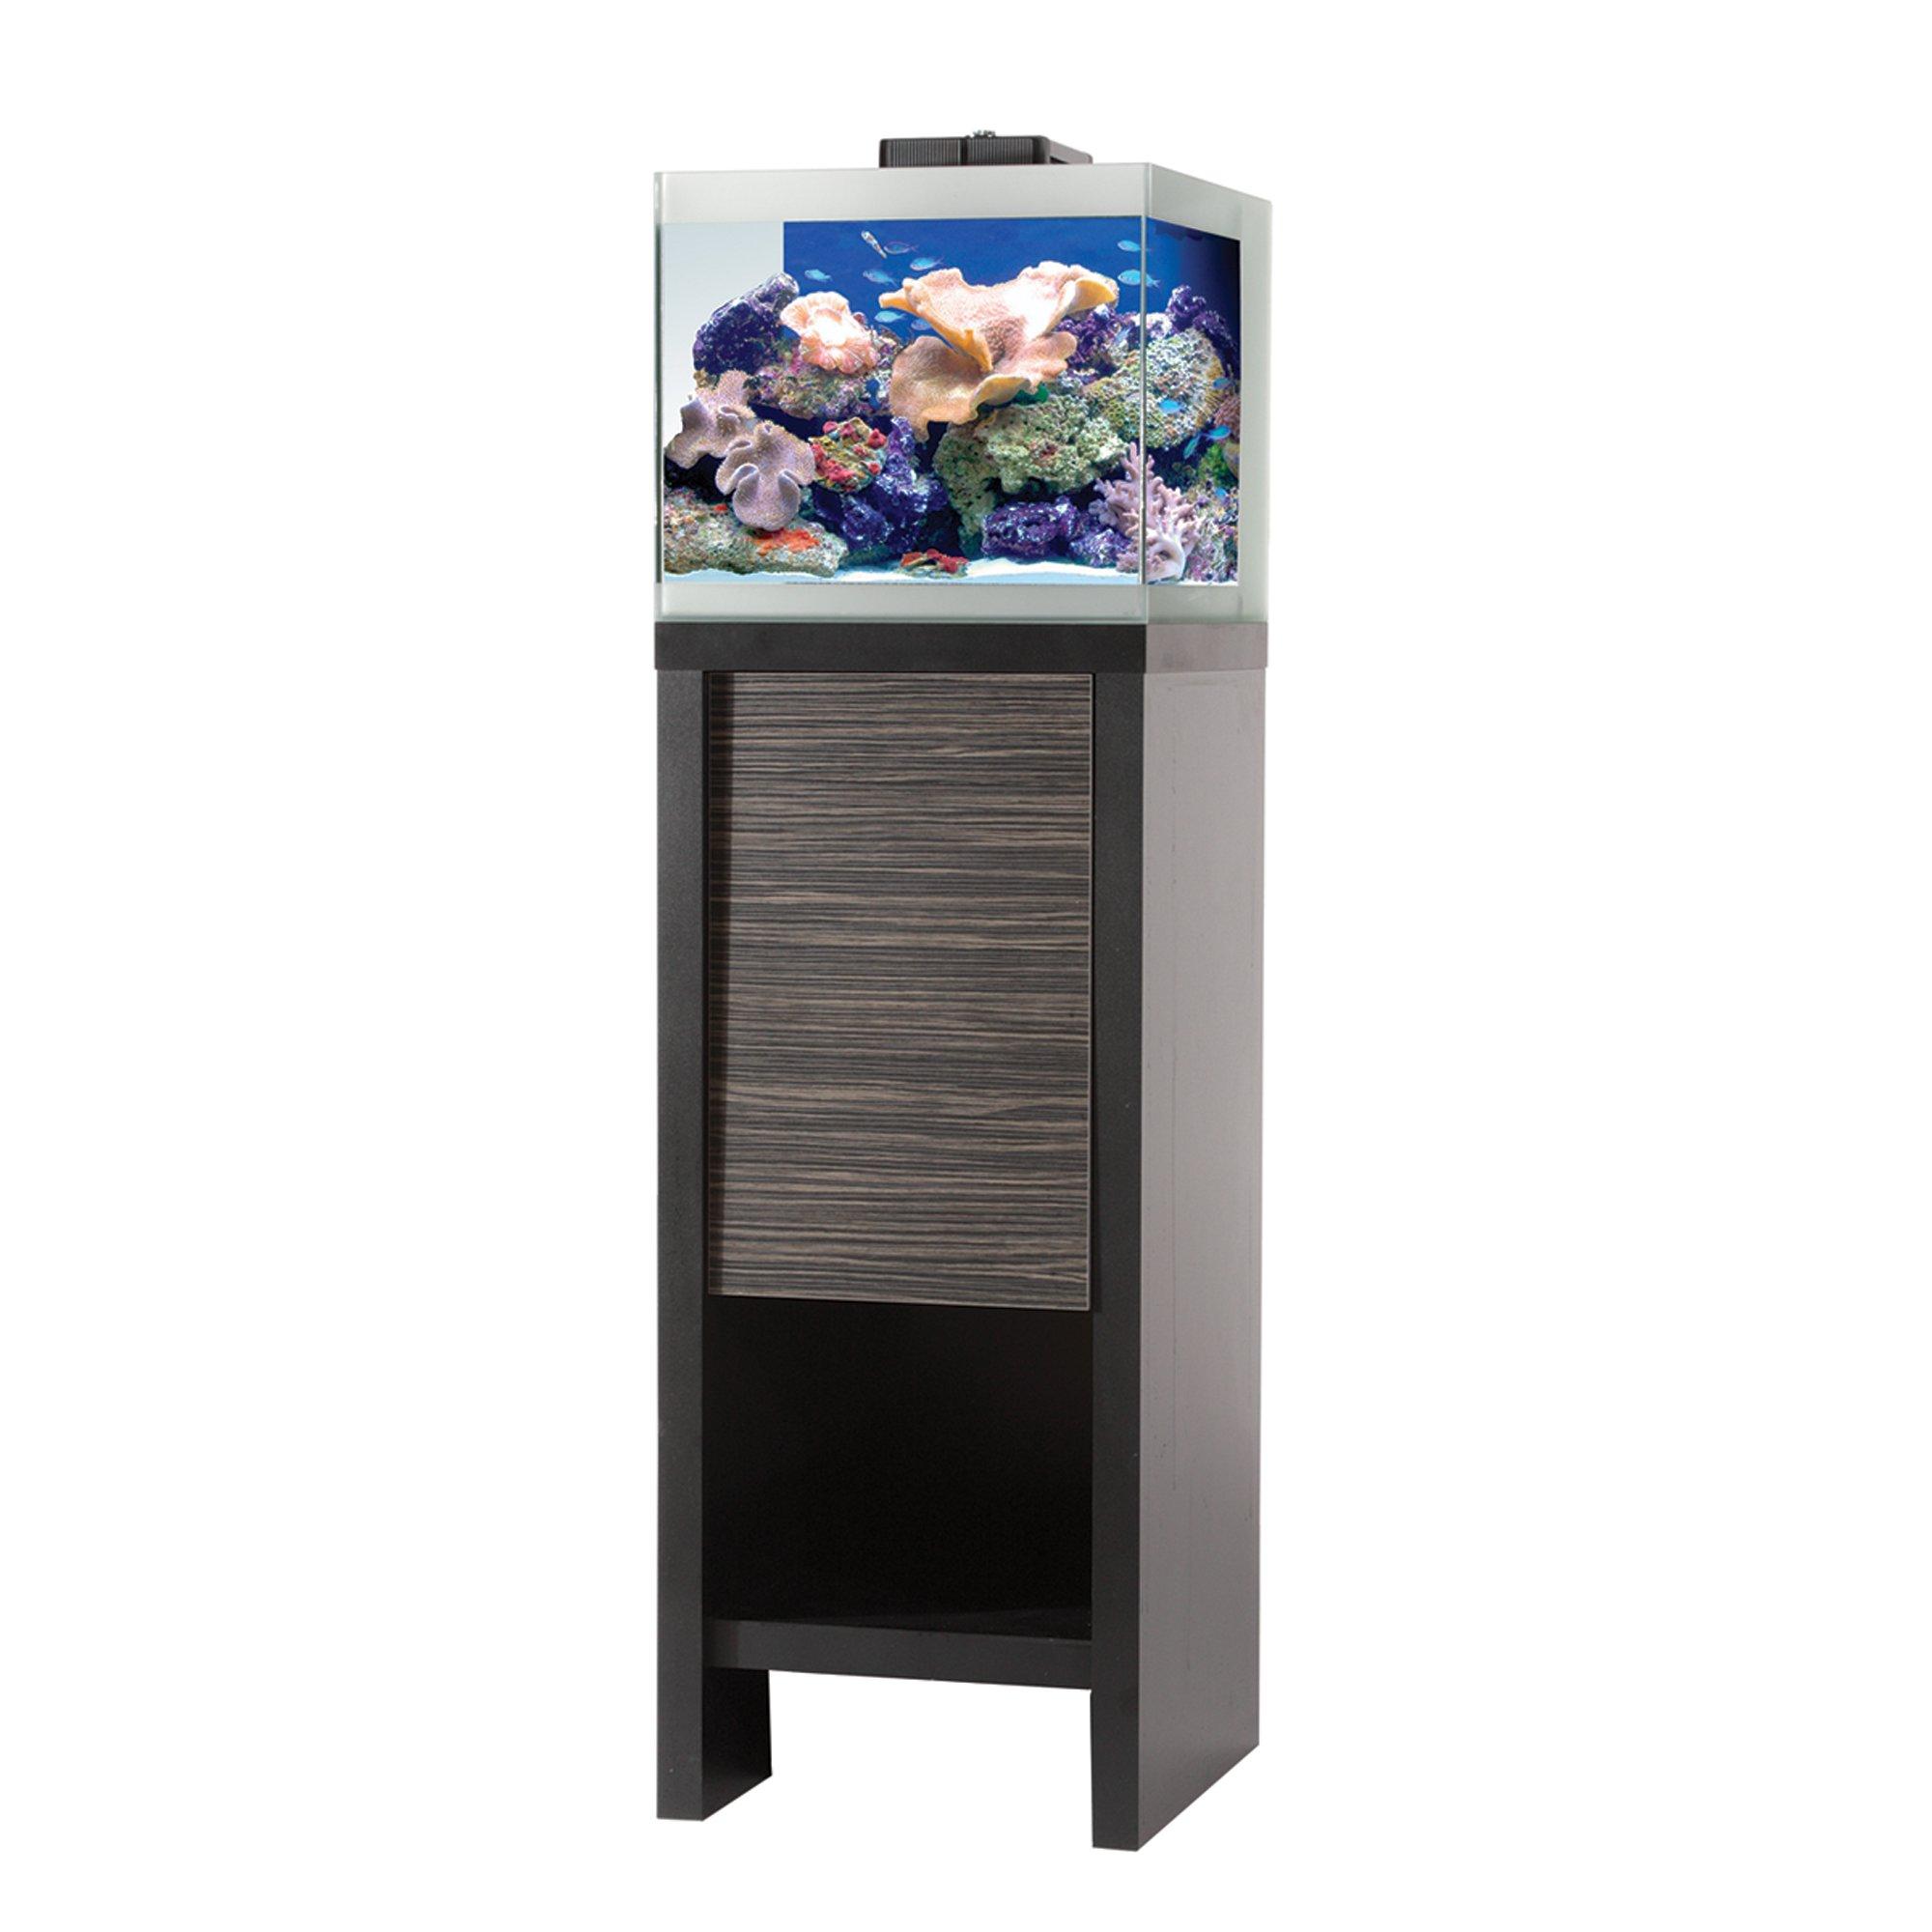 Fluval reef m40 aquarium set w black stand petco for Aquarium set